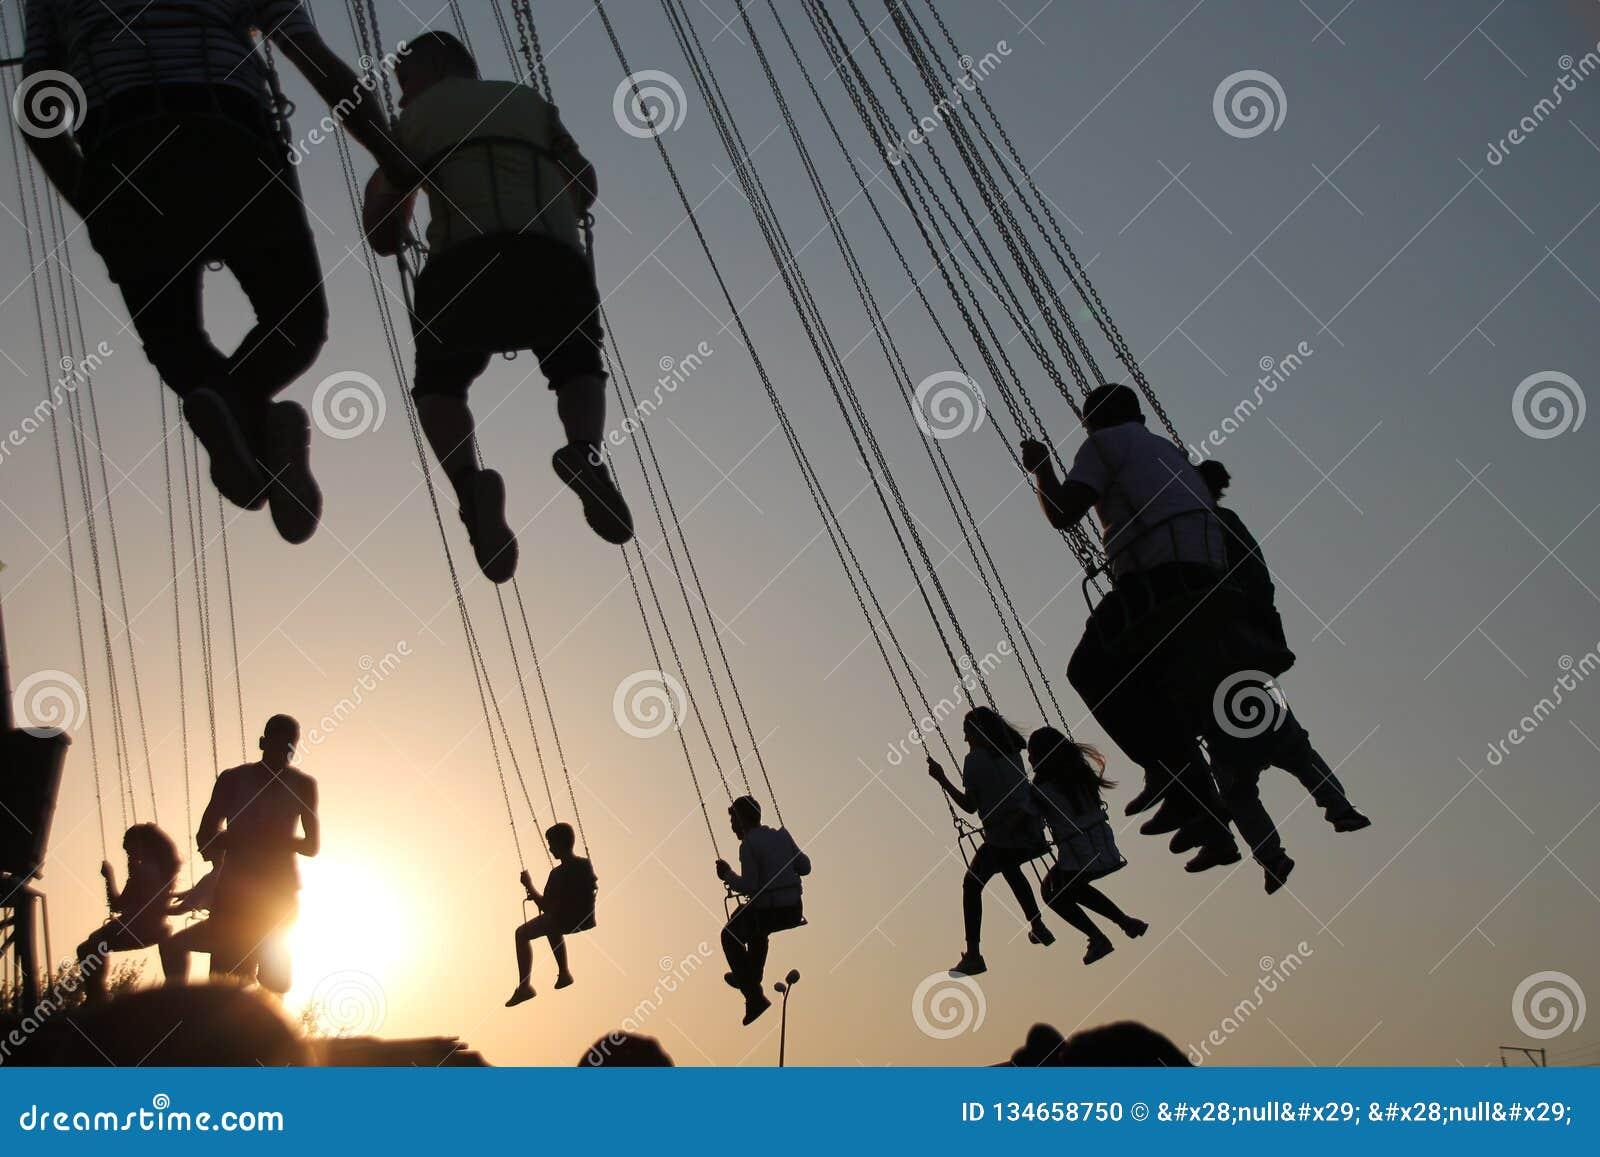 Schattenbild von jungen Leuten auf Riesenrad und schwingkarussell in der Endbewegung auf Sonnenunterganghintergrund